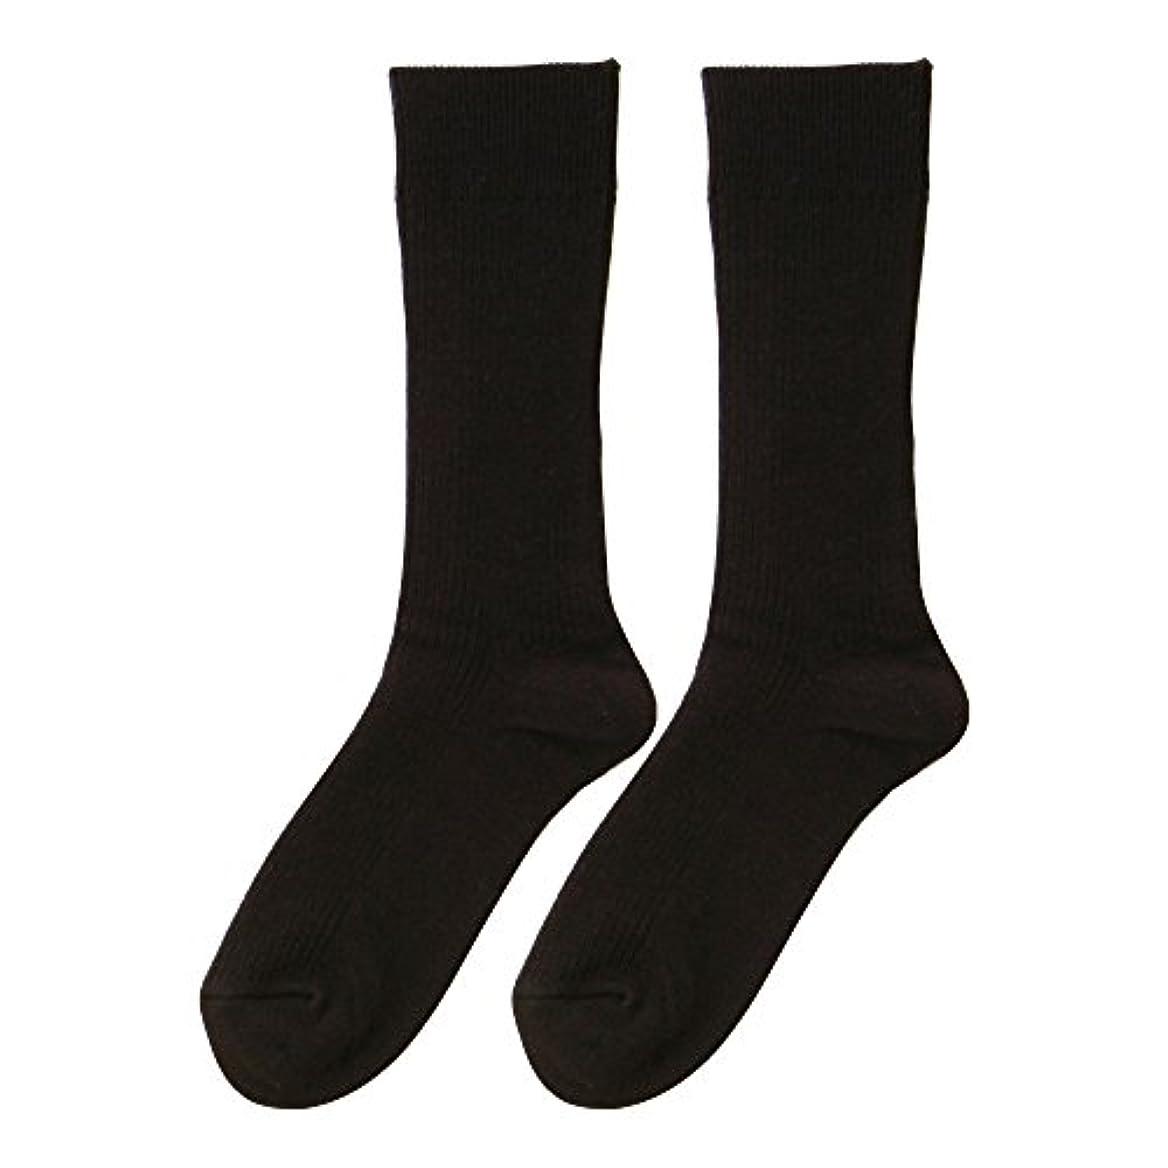 引退したモディッシュマートひだまり ダブルソックス 紳士用 靴下[24~26cm] クロ